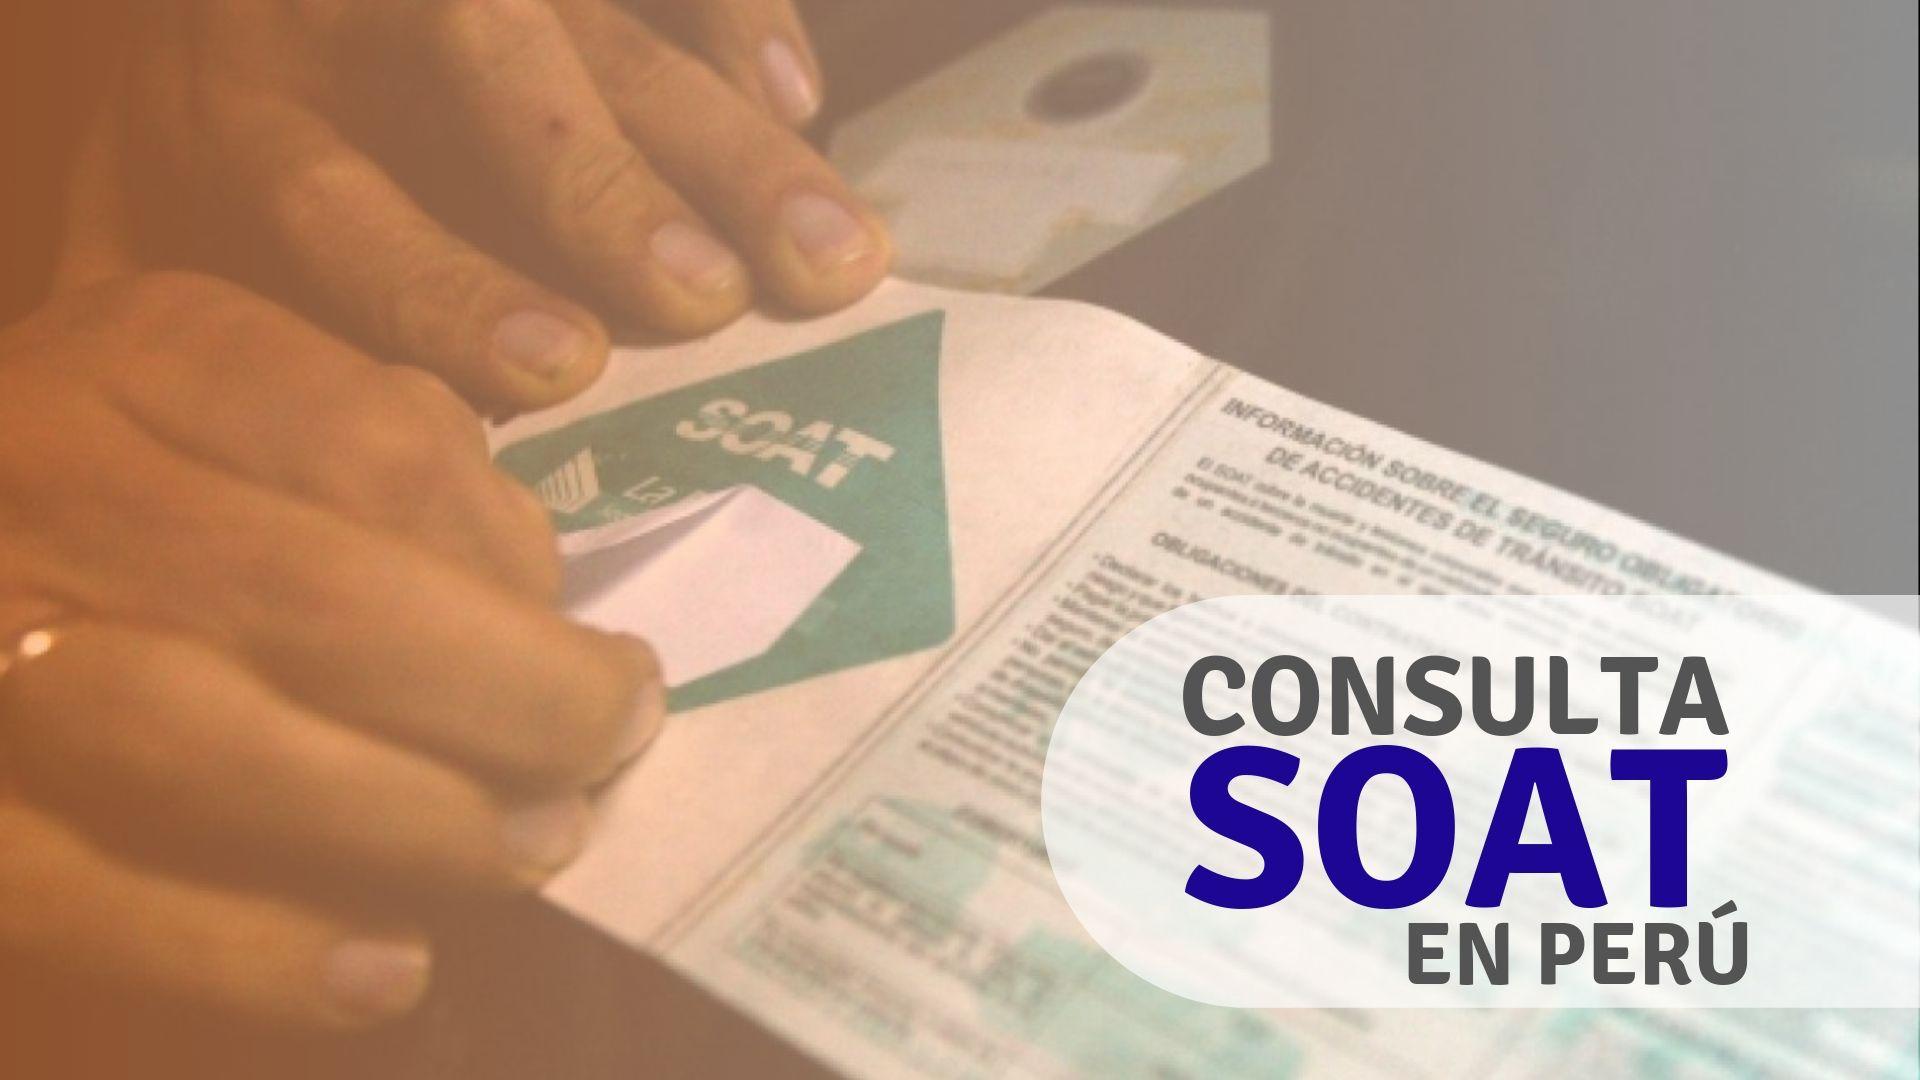 Cómo consultar SOAT en Perú